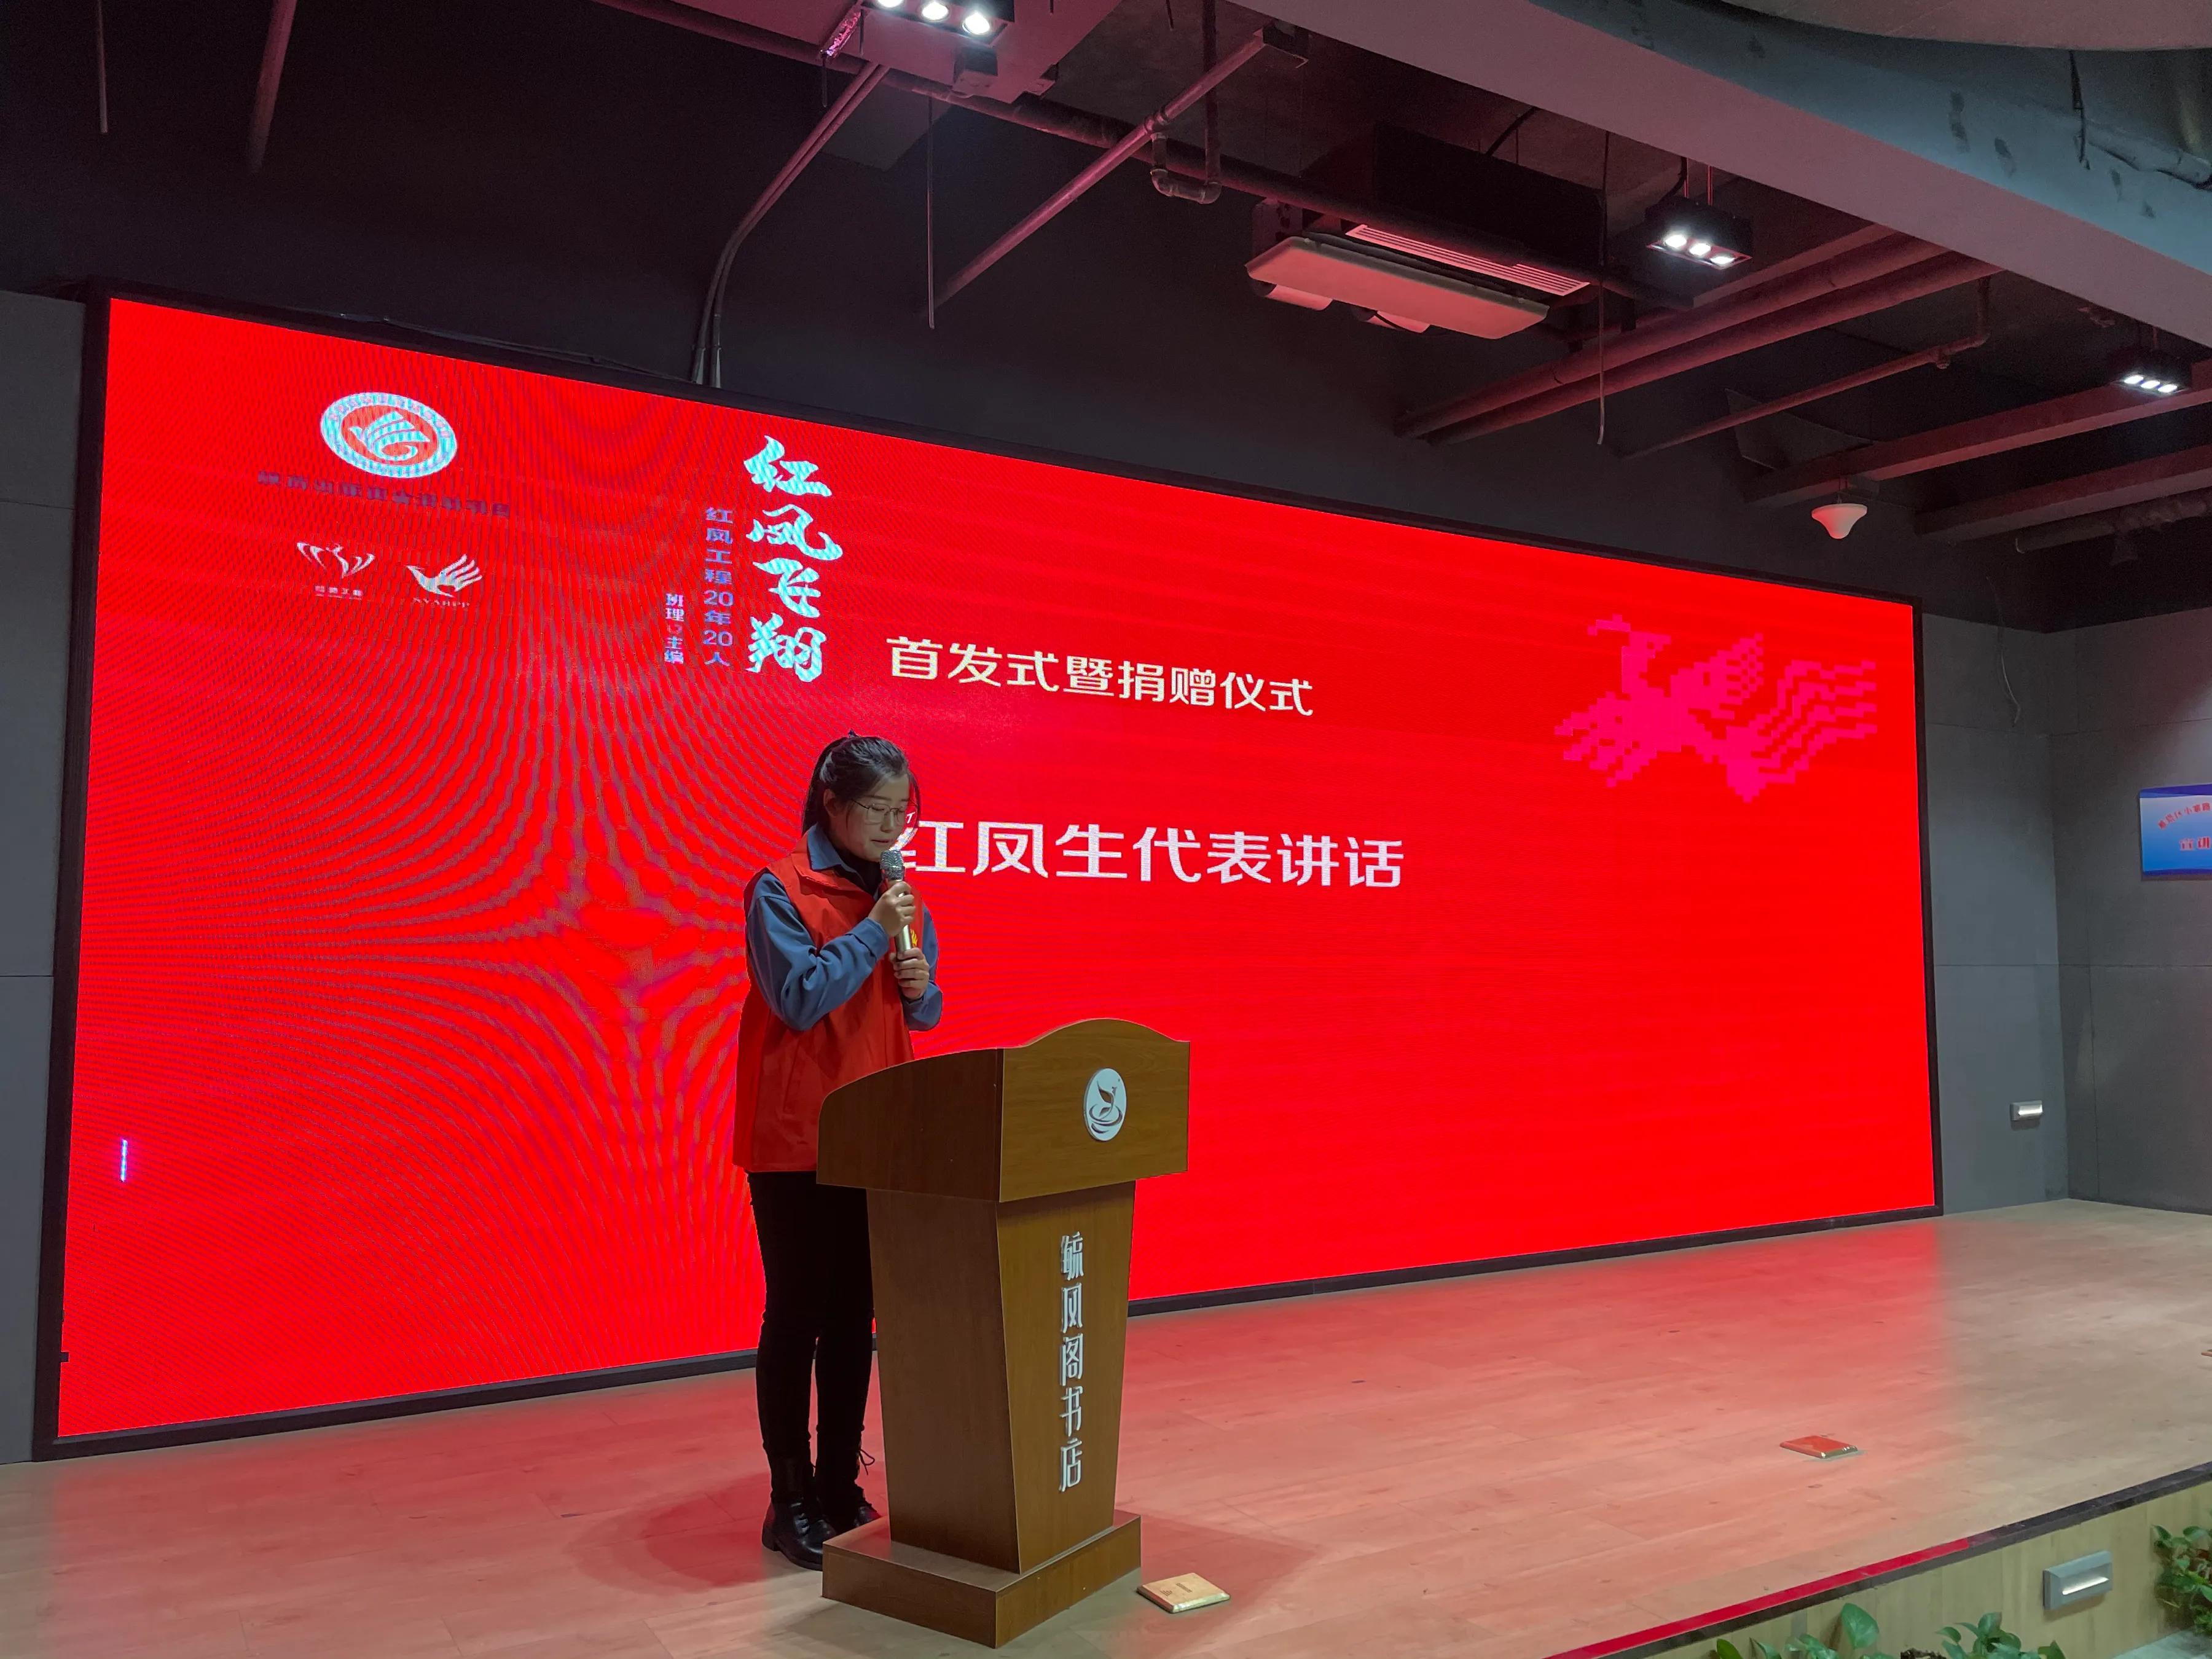 陕西出版资金资助项目《红凤飞翔》新书首发